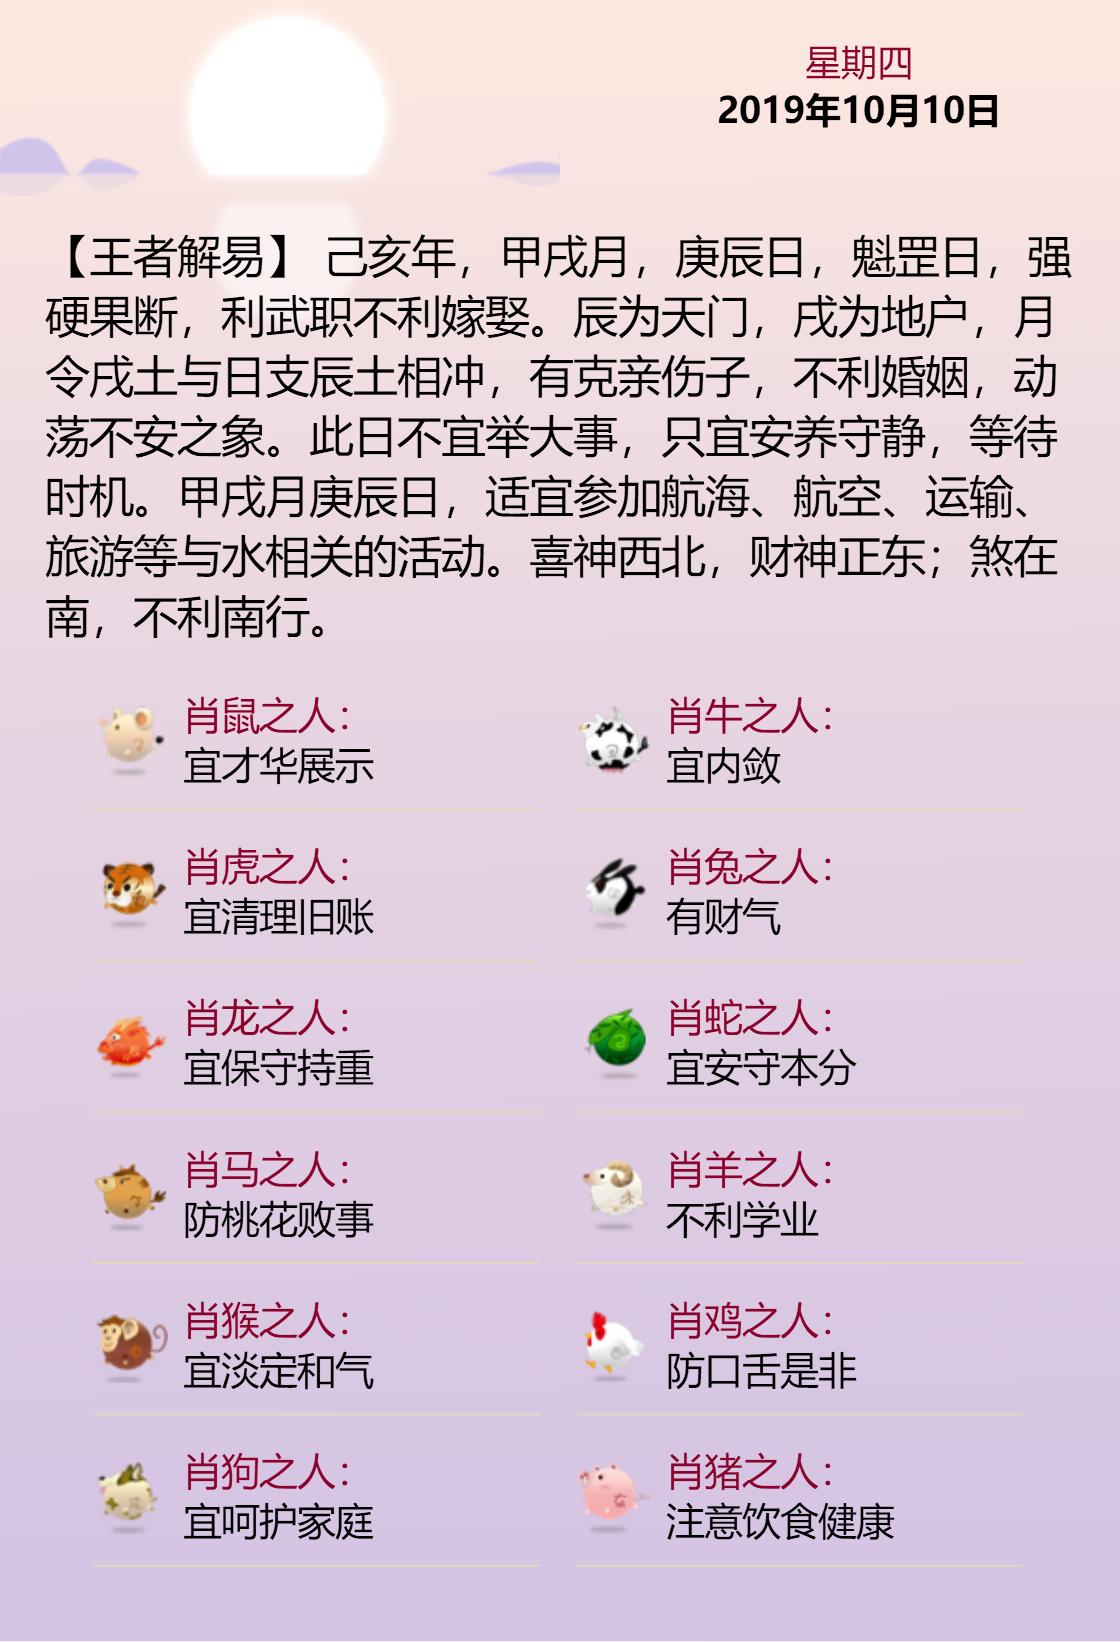 黄历海报20191010.png